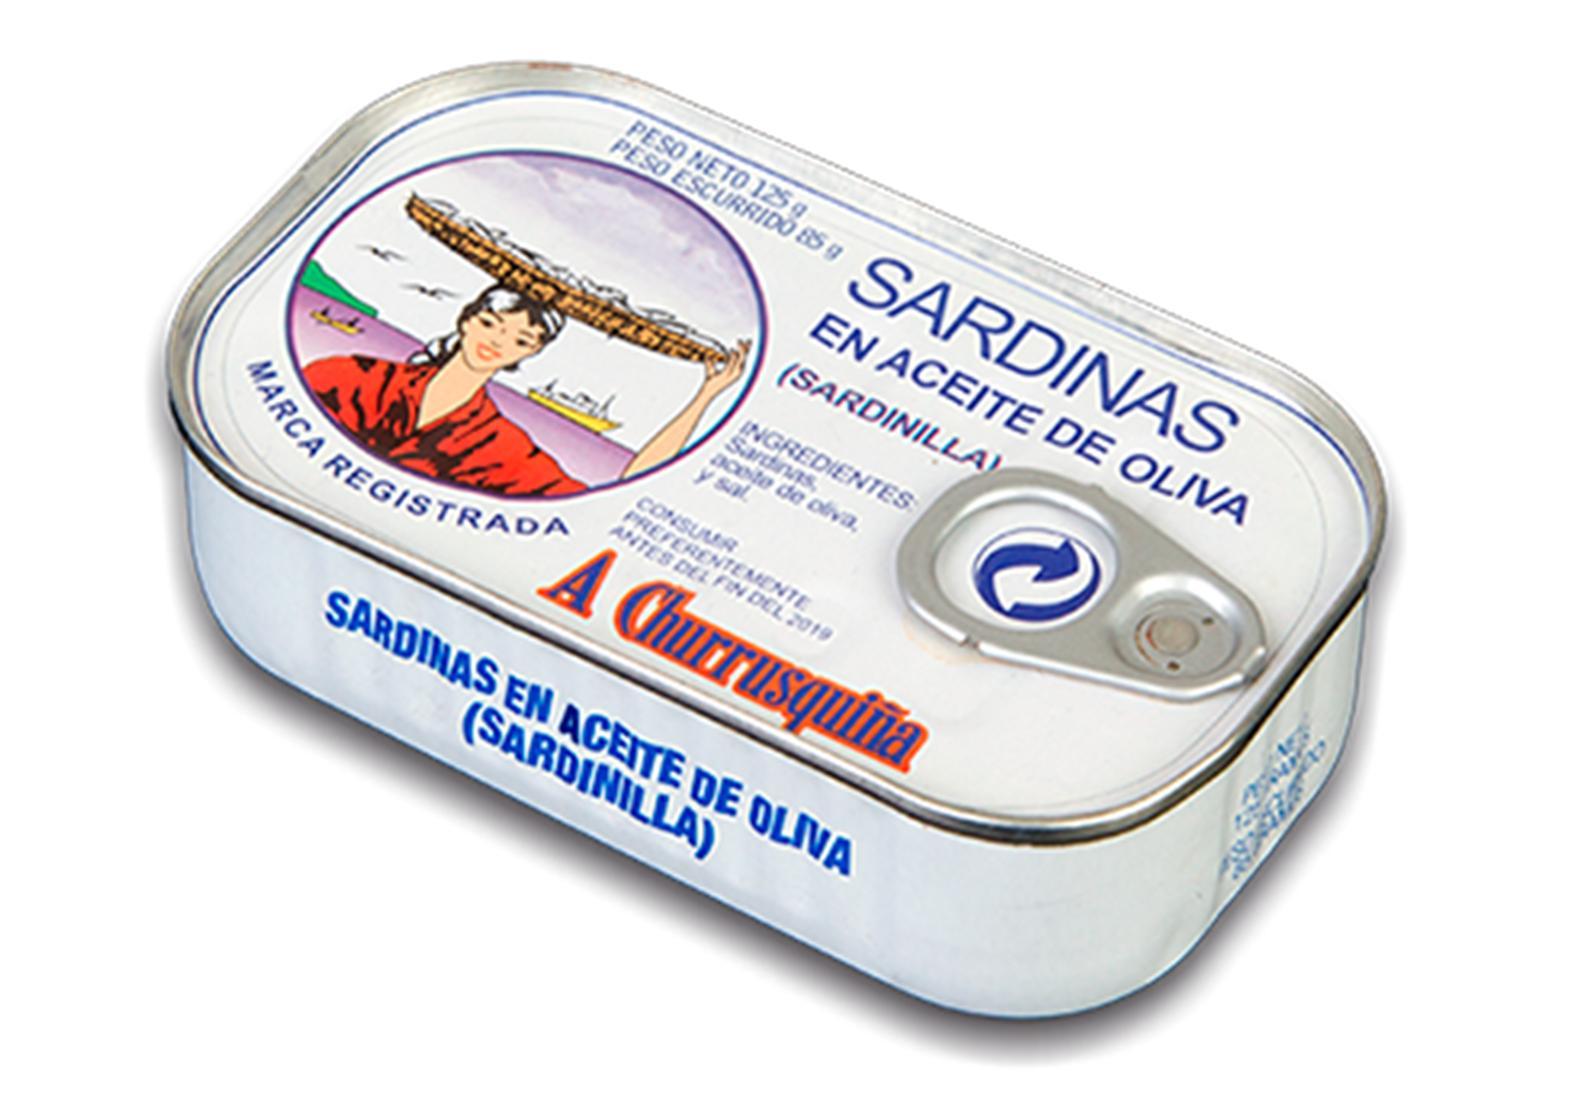 Sardinettes à l'huile d'olive 120g - Conserves Roma Churrusquina - produits de Galice Espagne